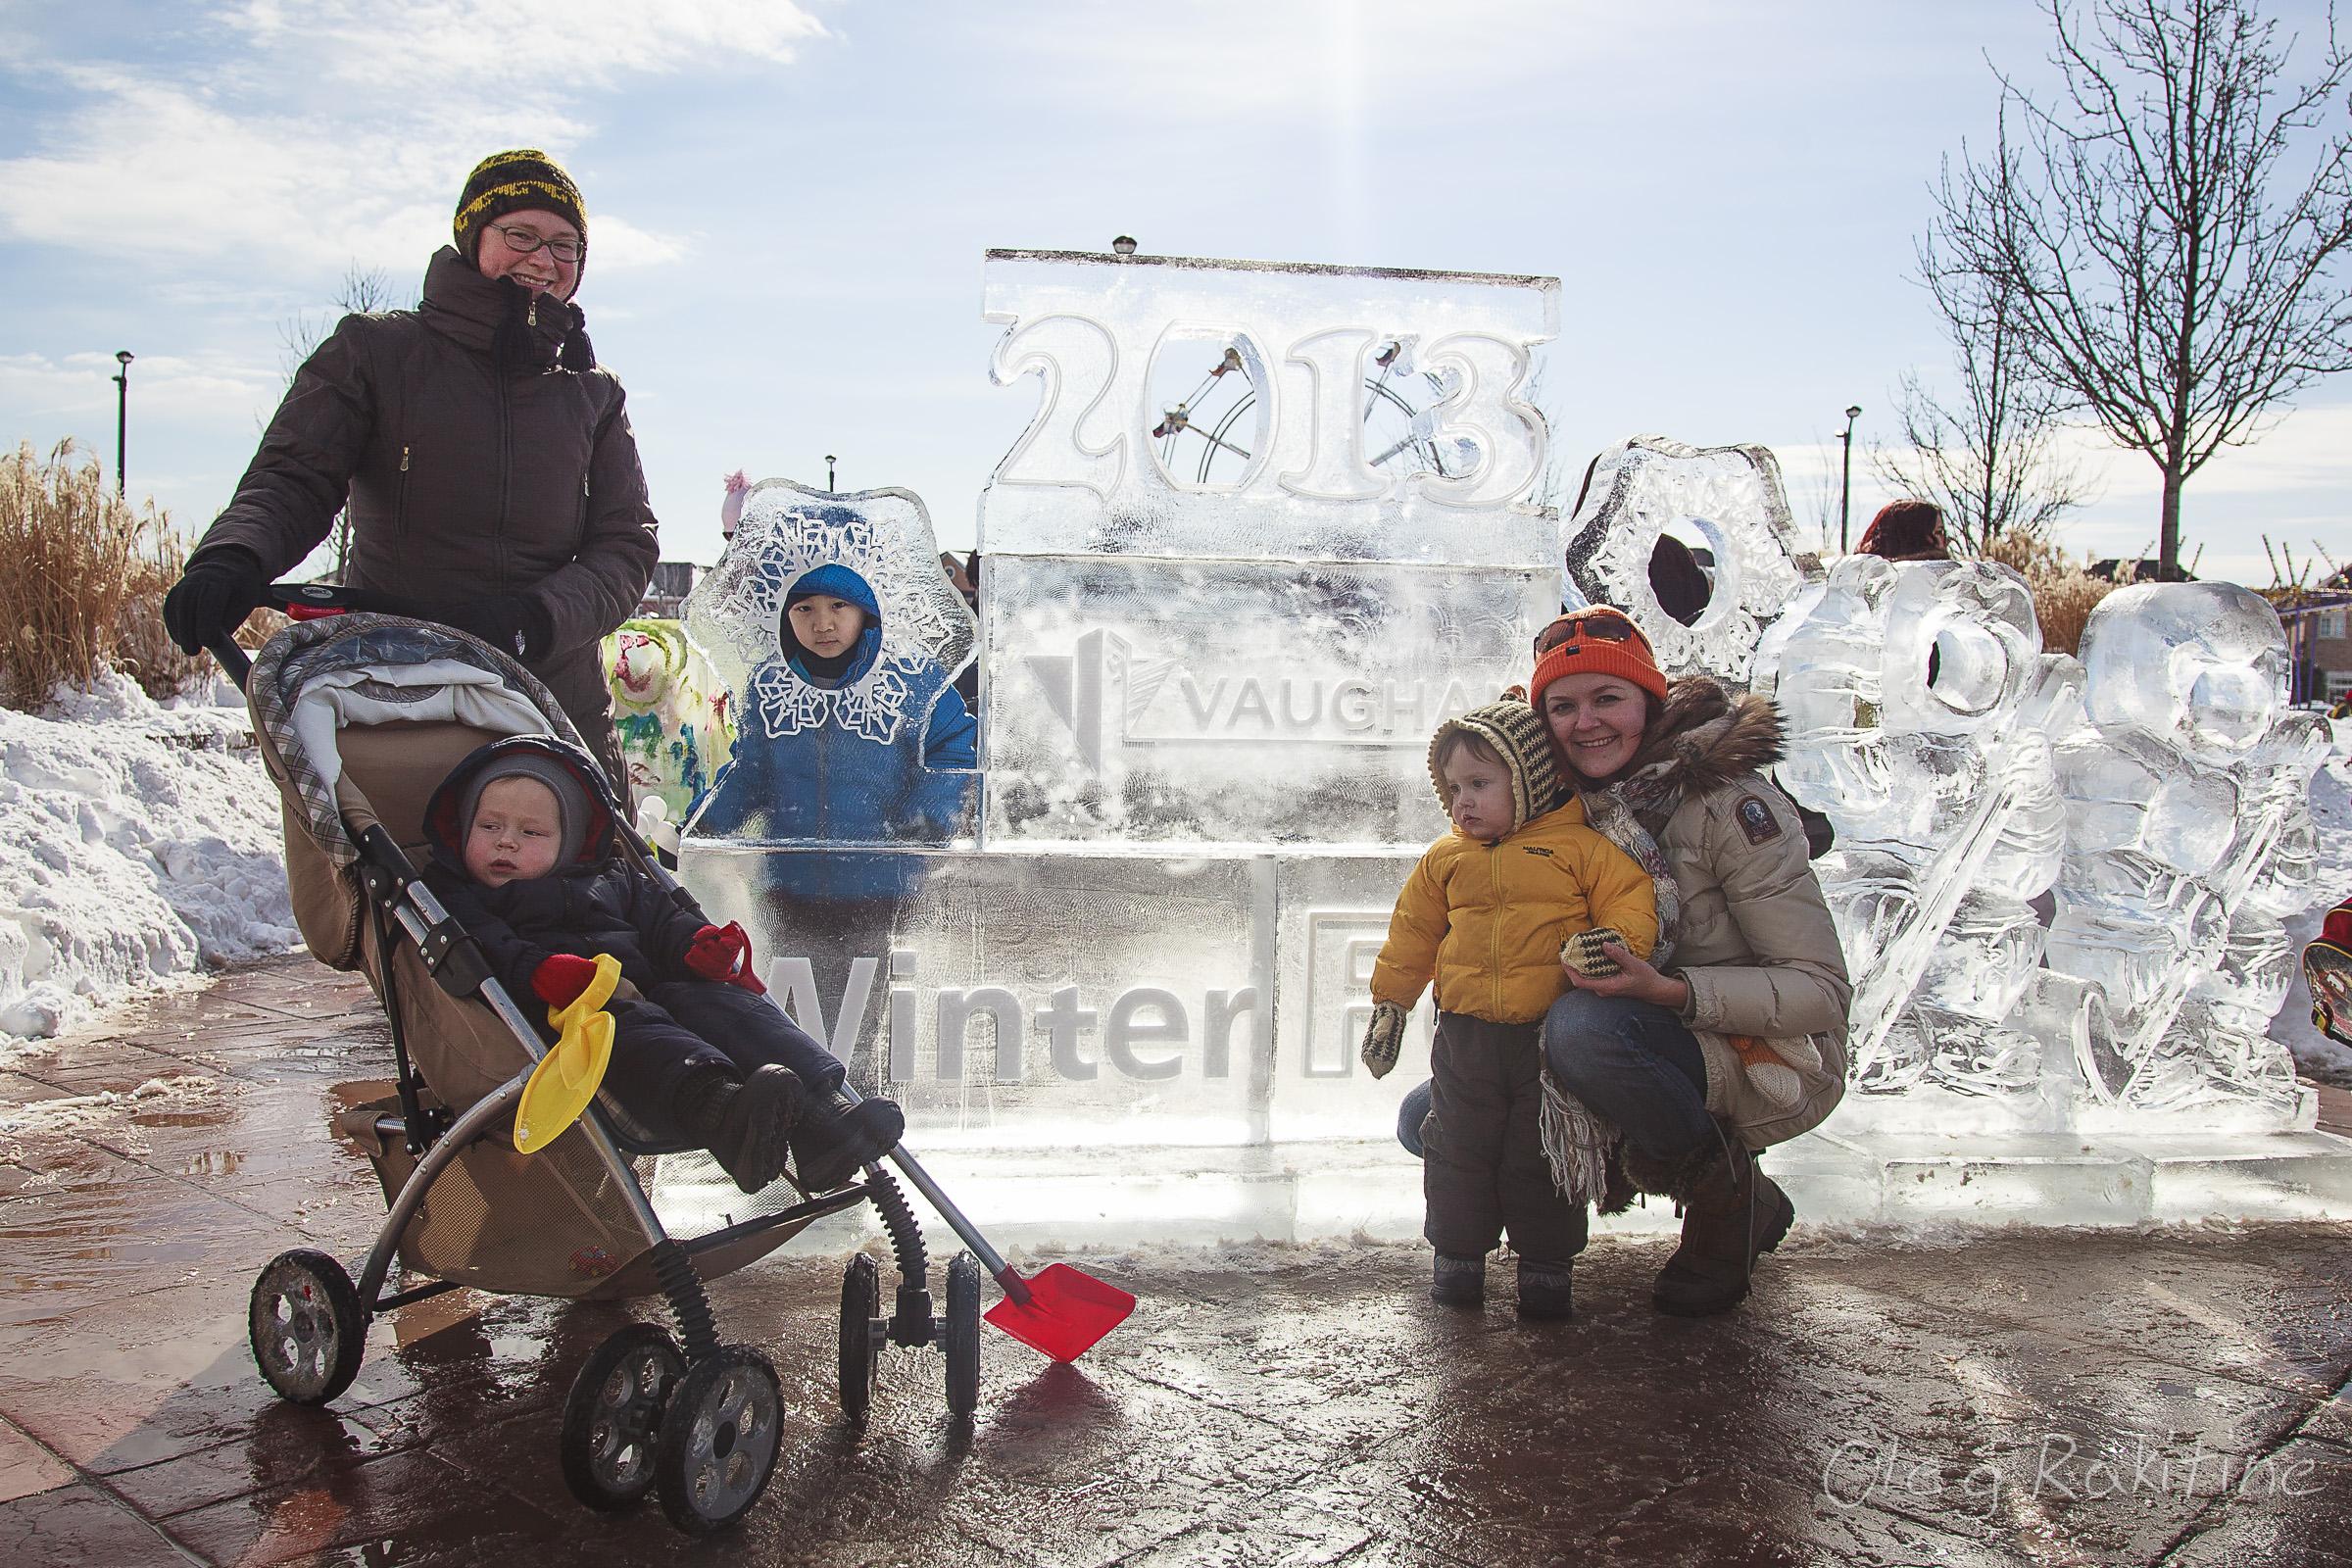 winter-festival-003.jpg